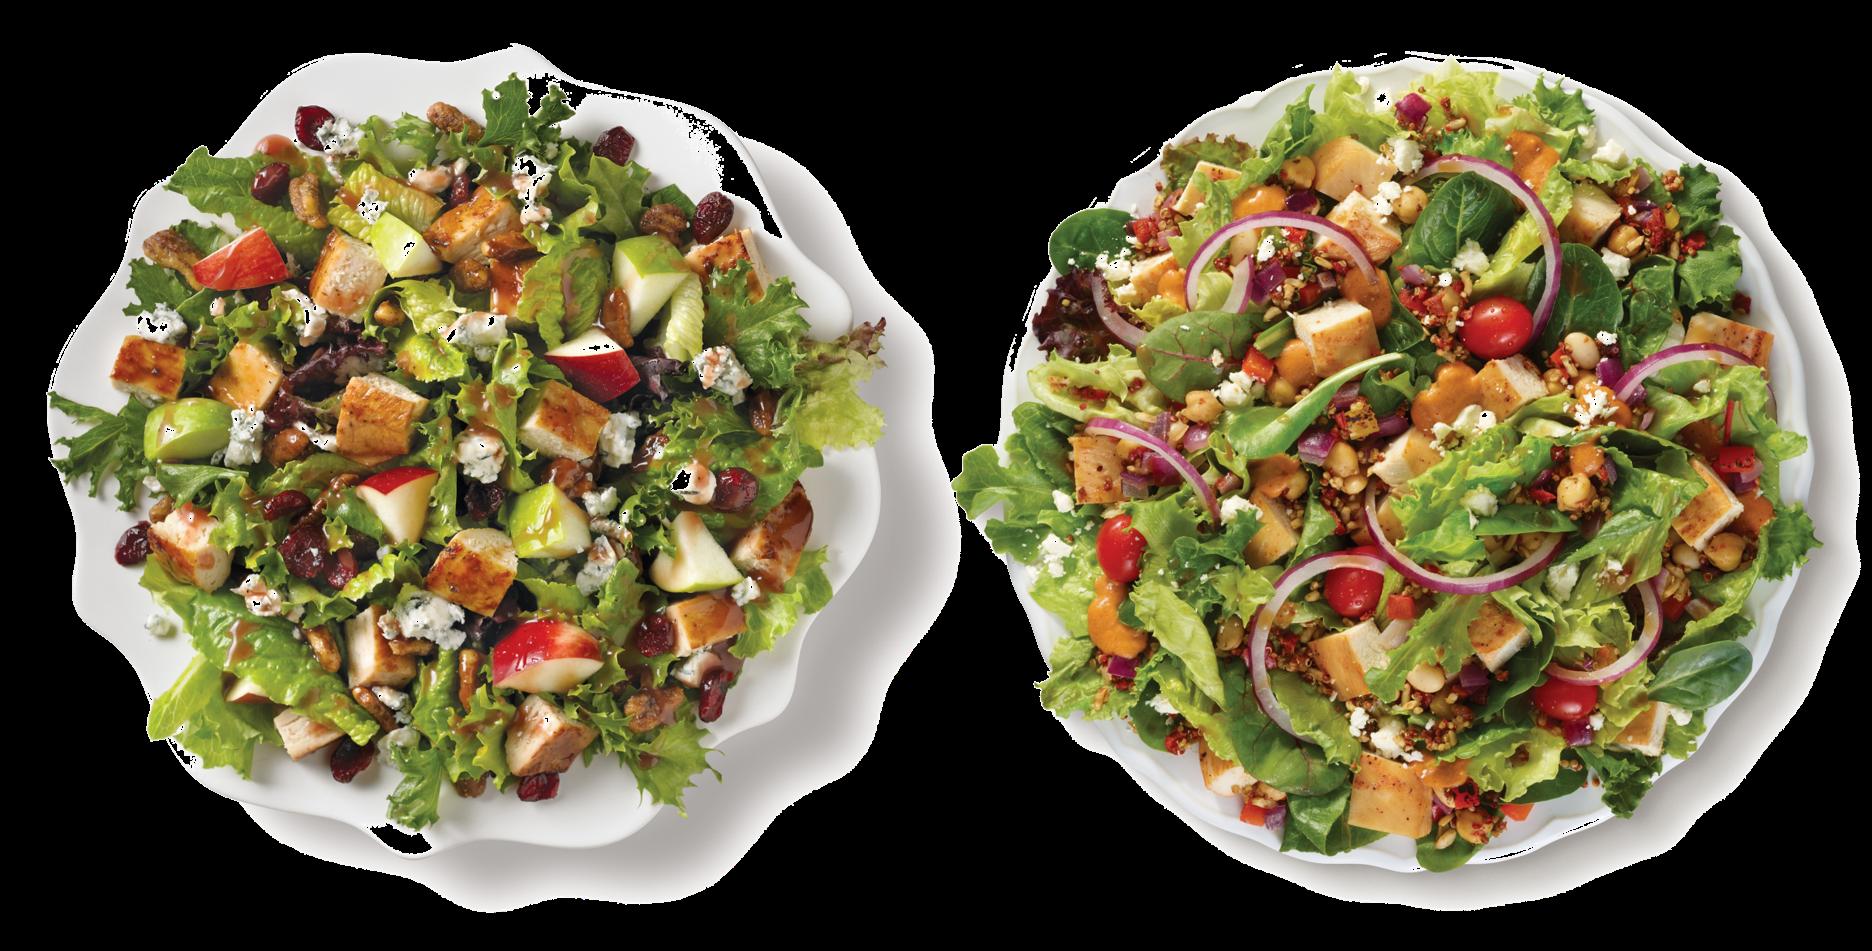 (Left to Right) Apple Pecan Chicken Salad & Power Mediterranean Chicken Salad